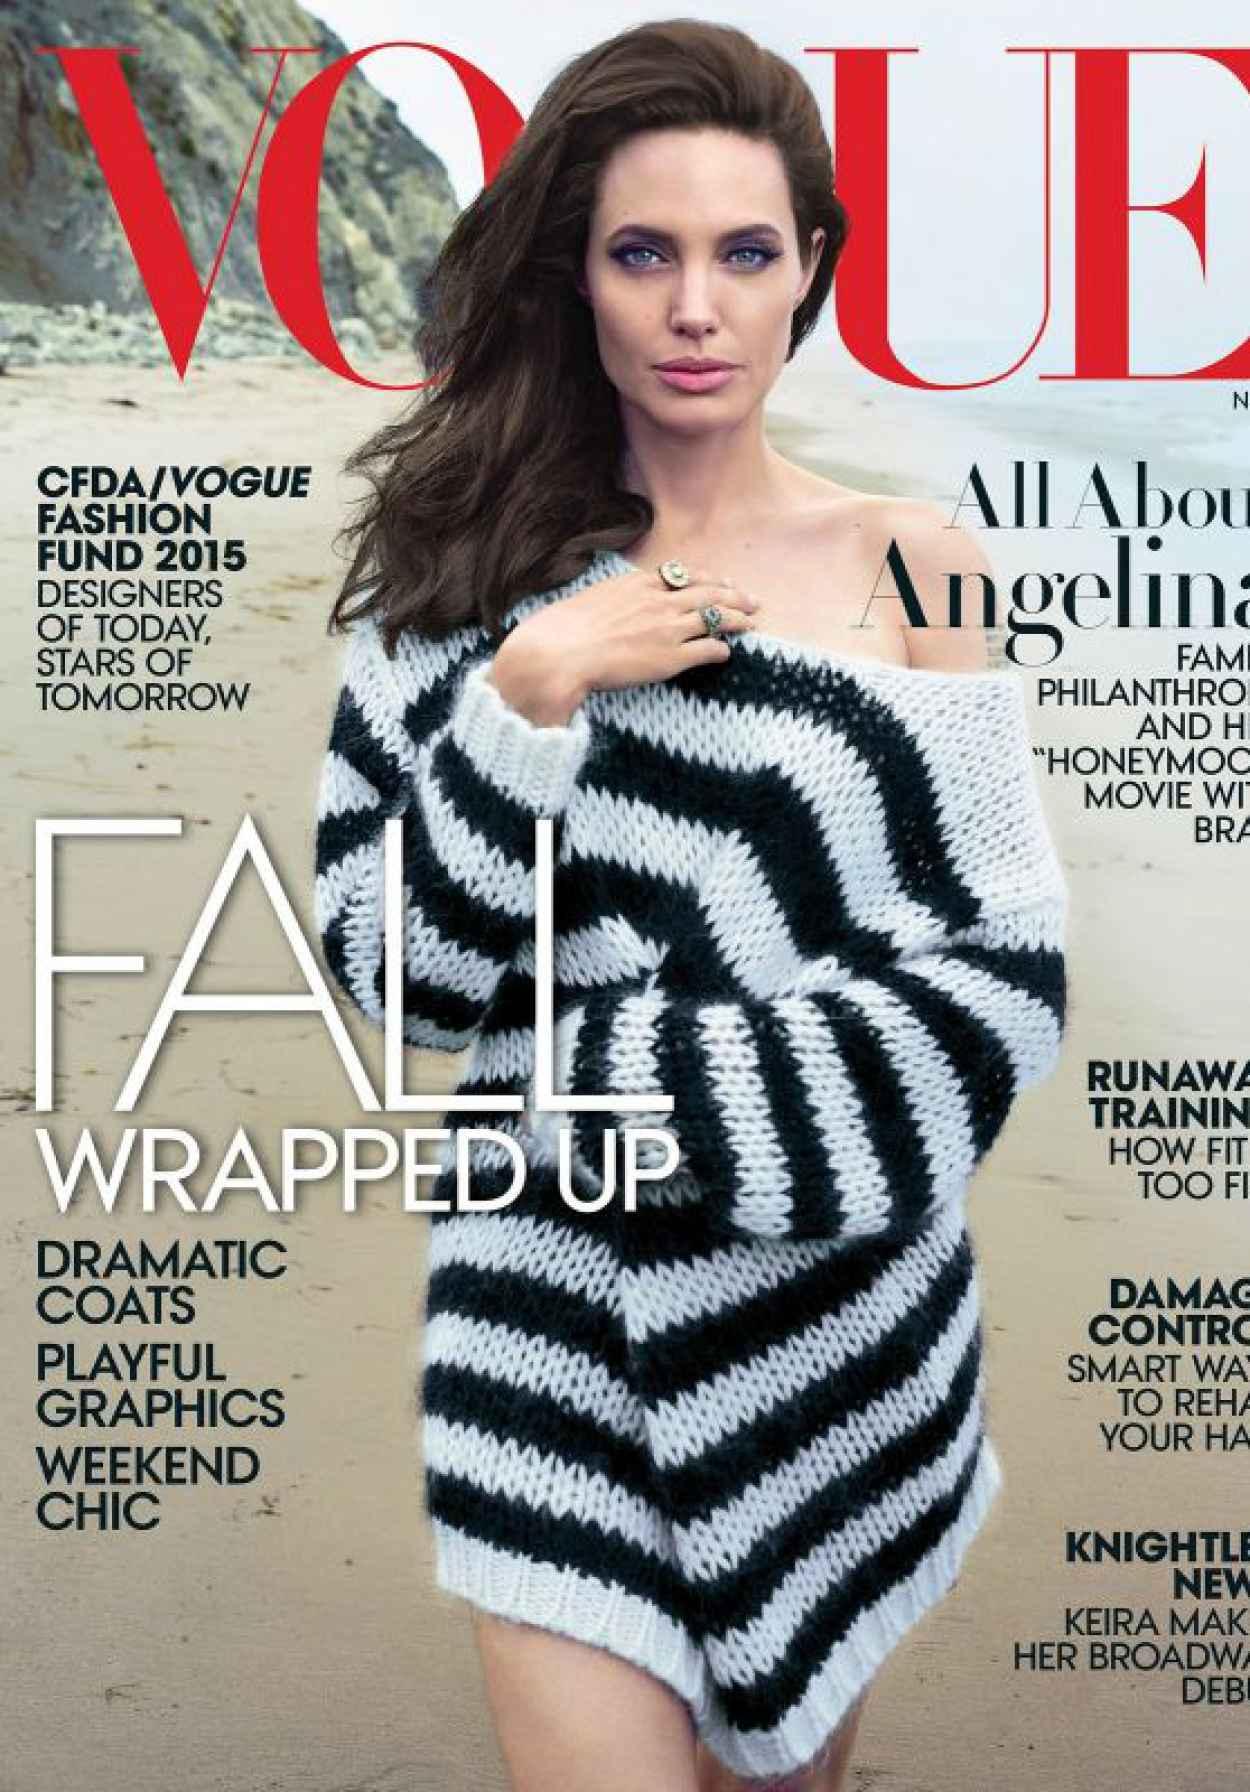 Angelina Jolie - Vogue Magazine November 2015 Cover-1